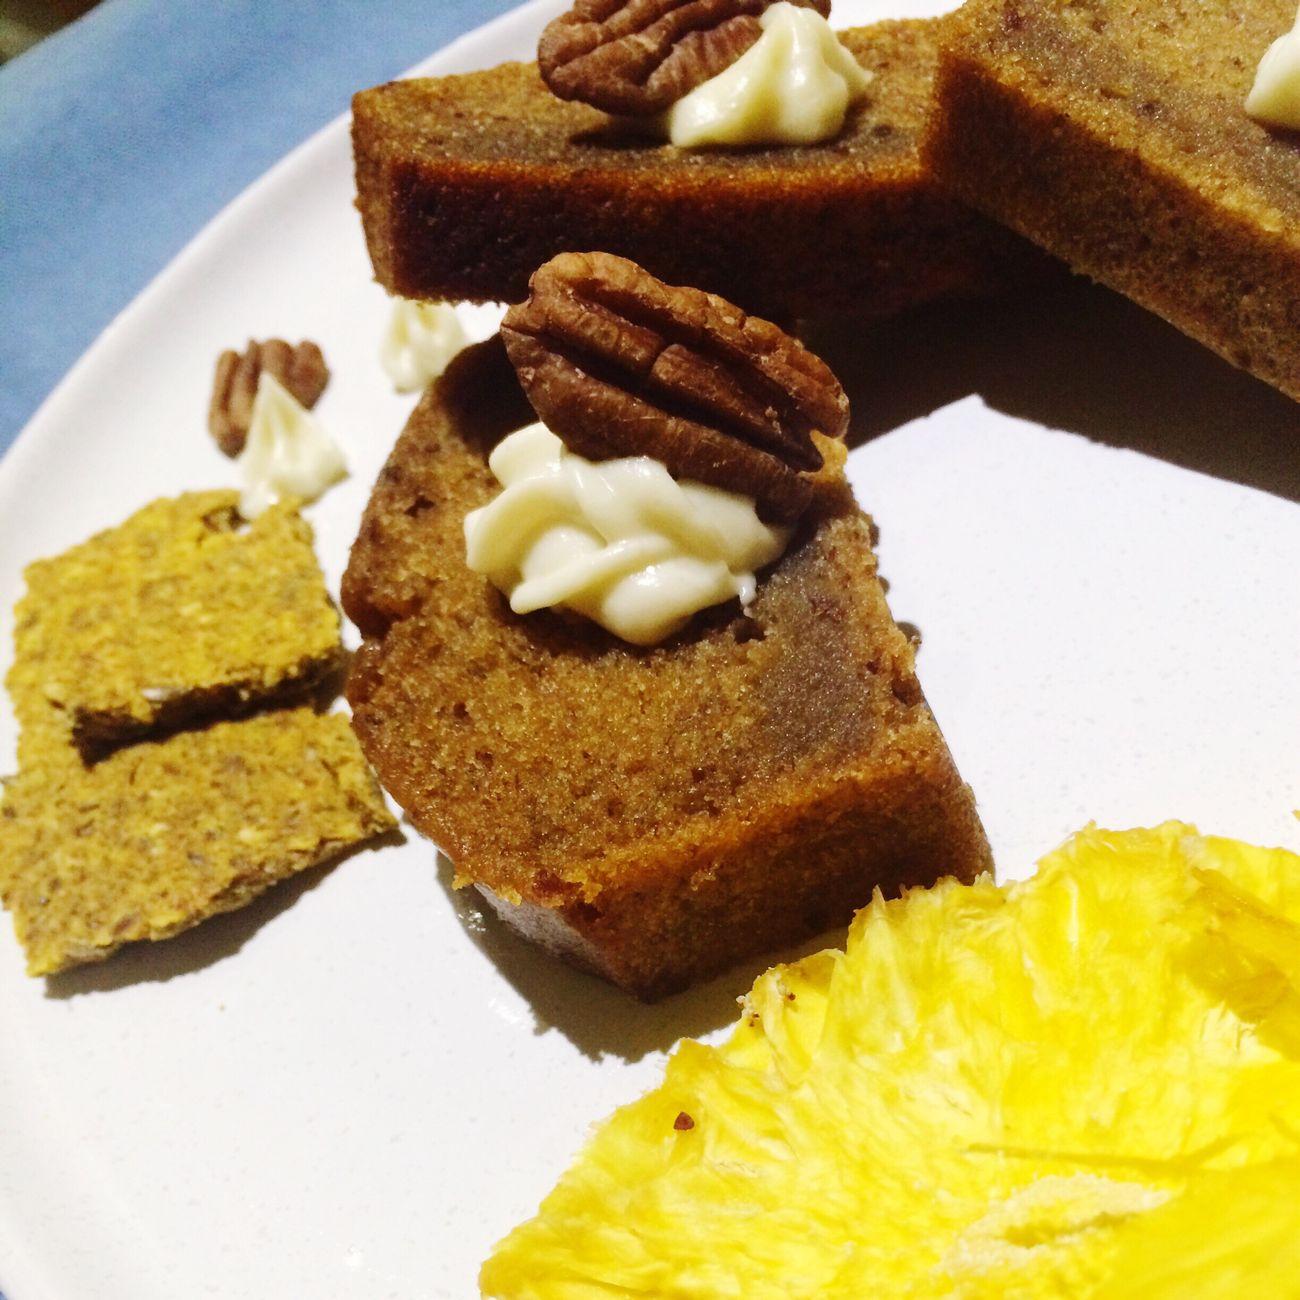 2016/06/19 木葉粗食 香蕉磅蛋糕 咖啡 Banana Pound Cake Coffee バナナパウンドケーキ コーヒー NTD190